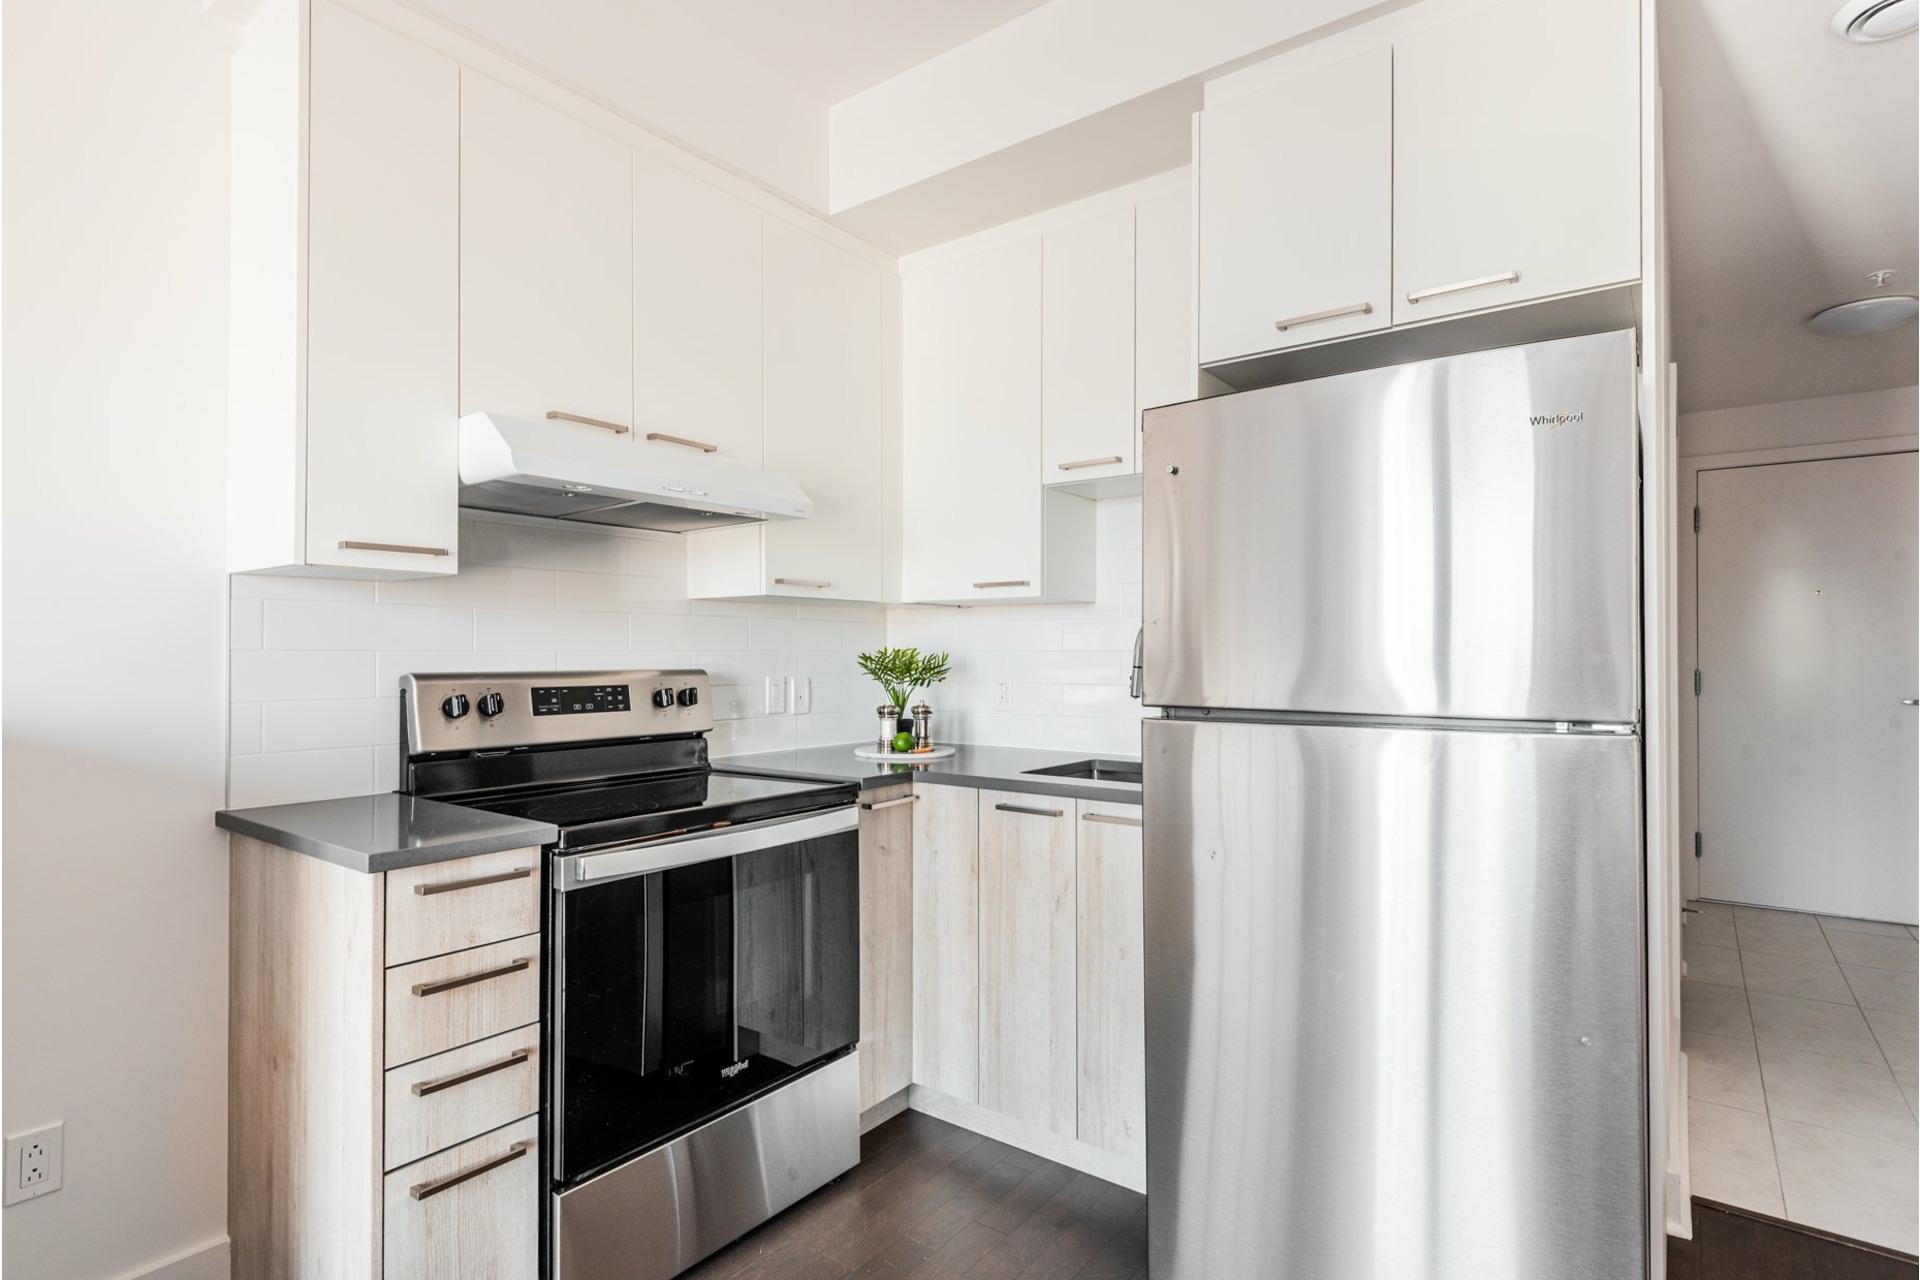 image 8 - Appartement À vendre Villeray/Saint-Michel/Parc-Extension Montréal  - 3 pièces